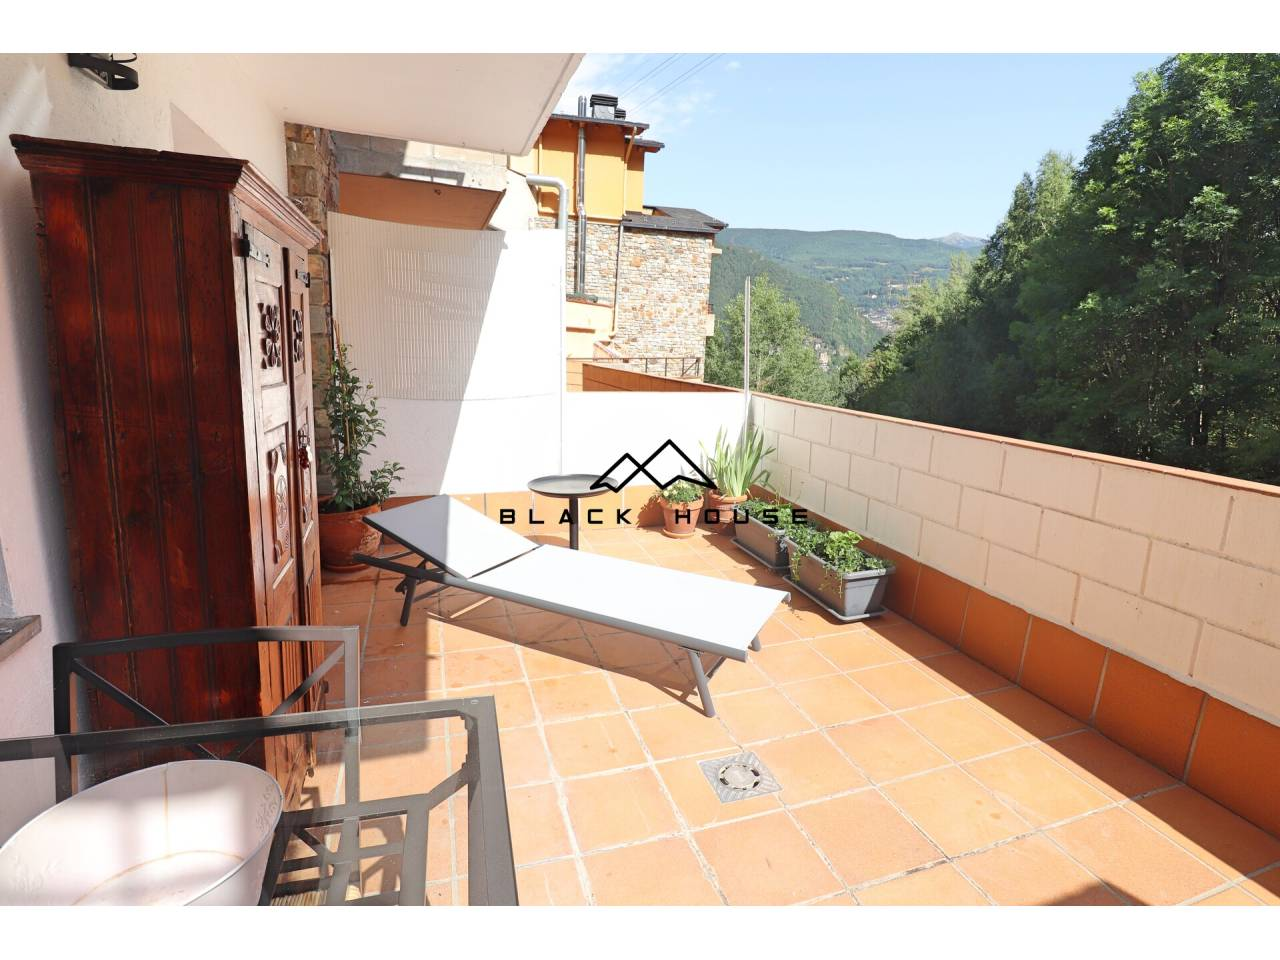 Acollidor pis amb terrassa en venda a Escàs